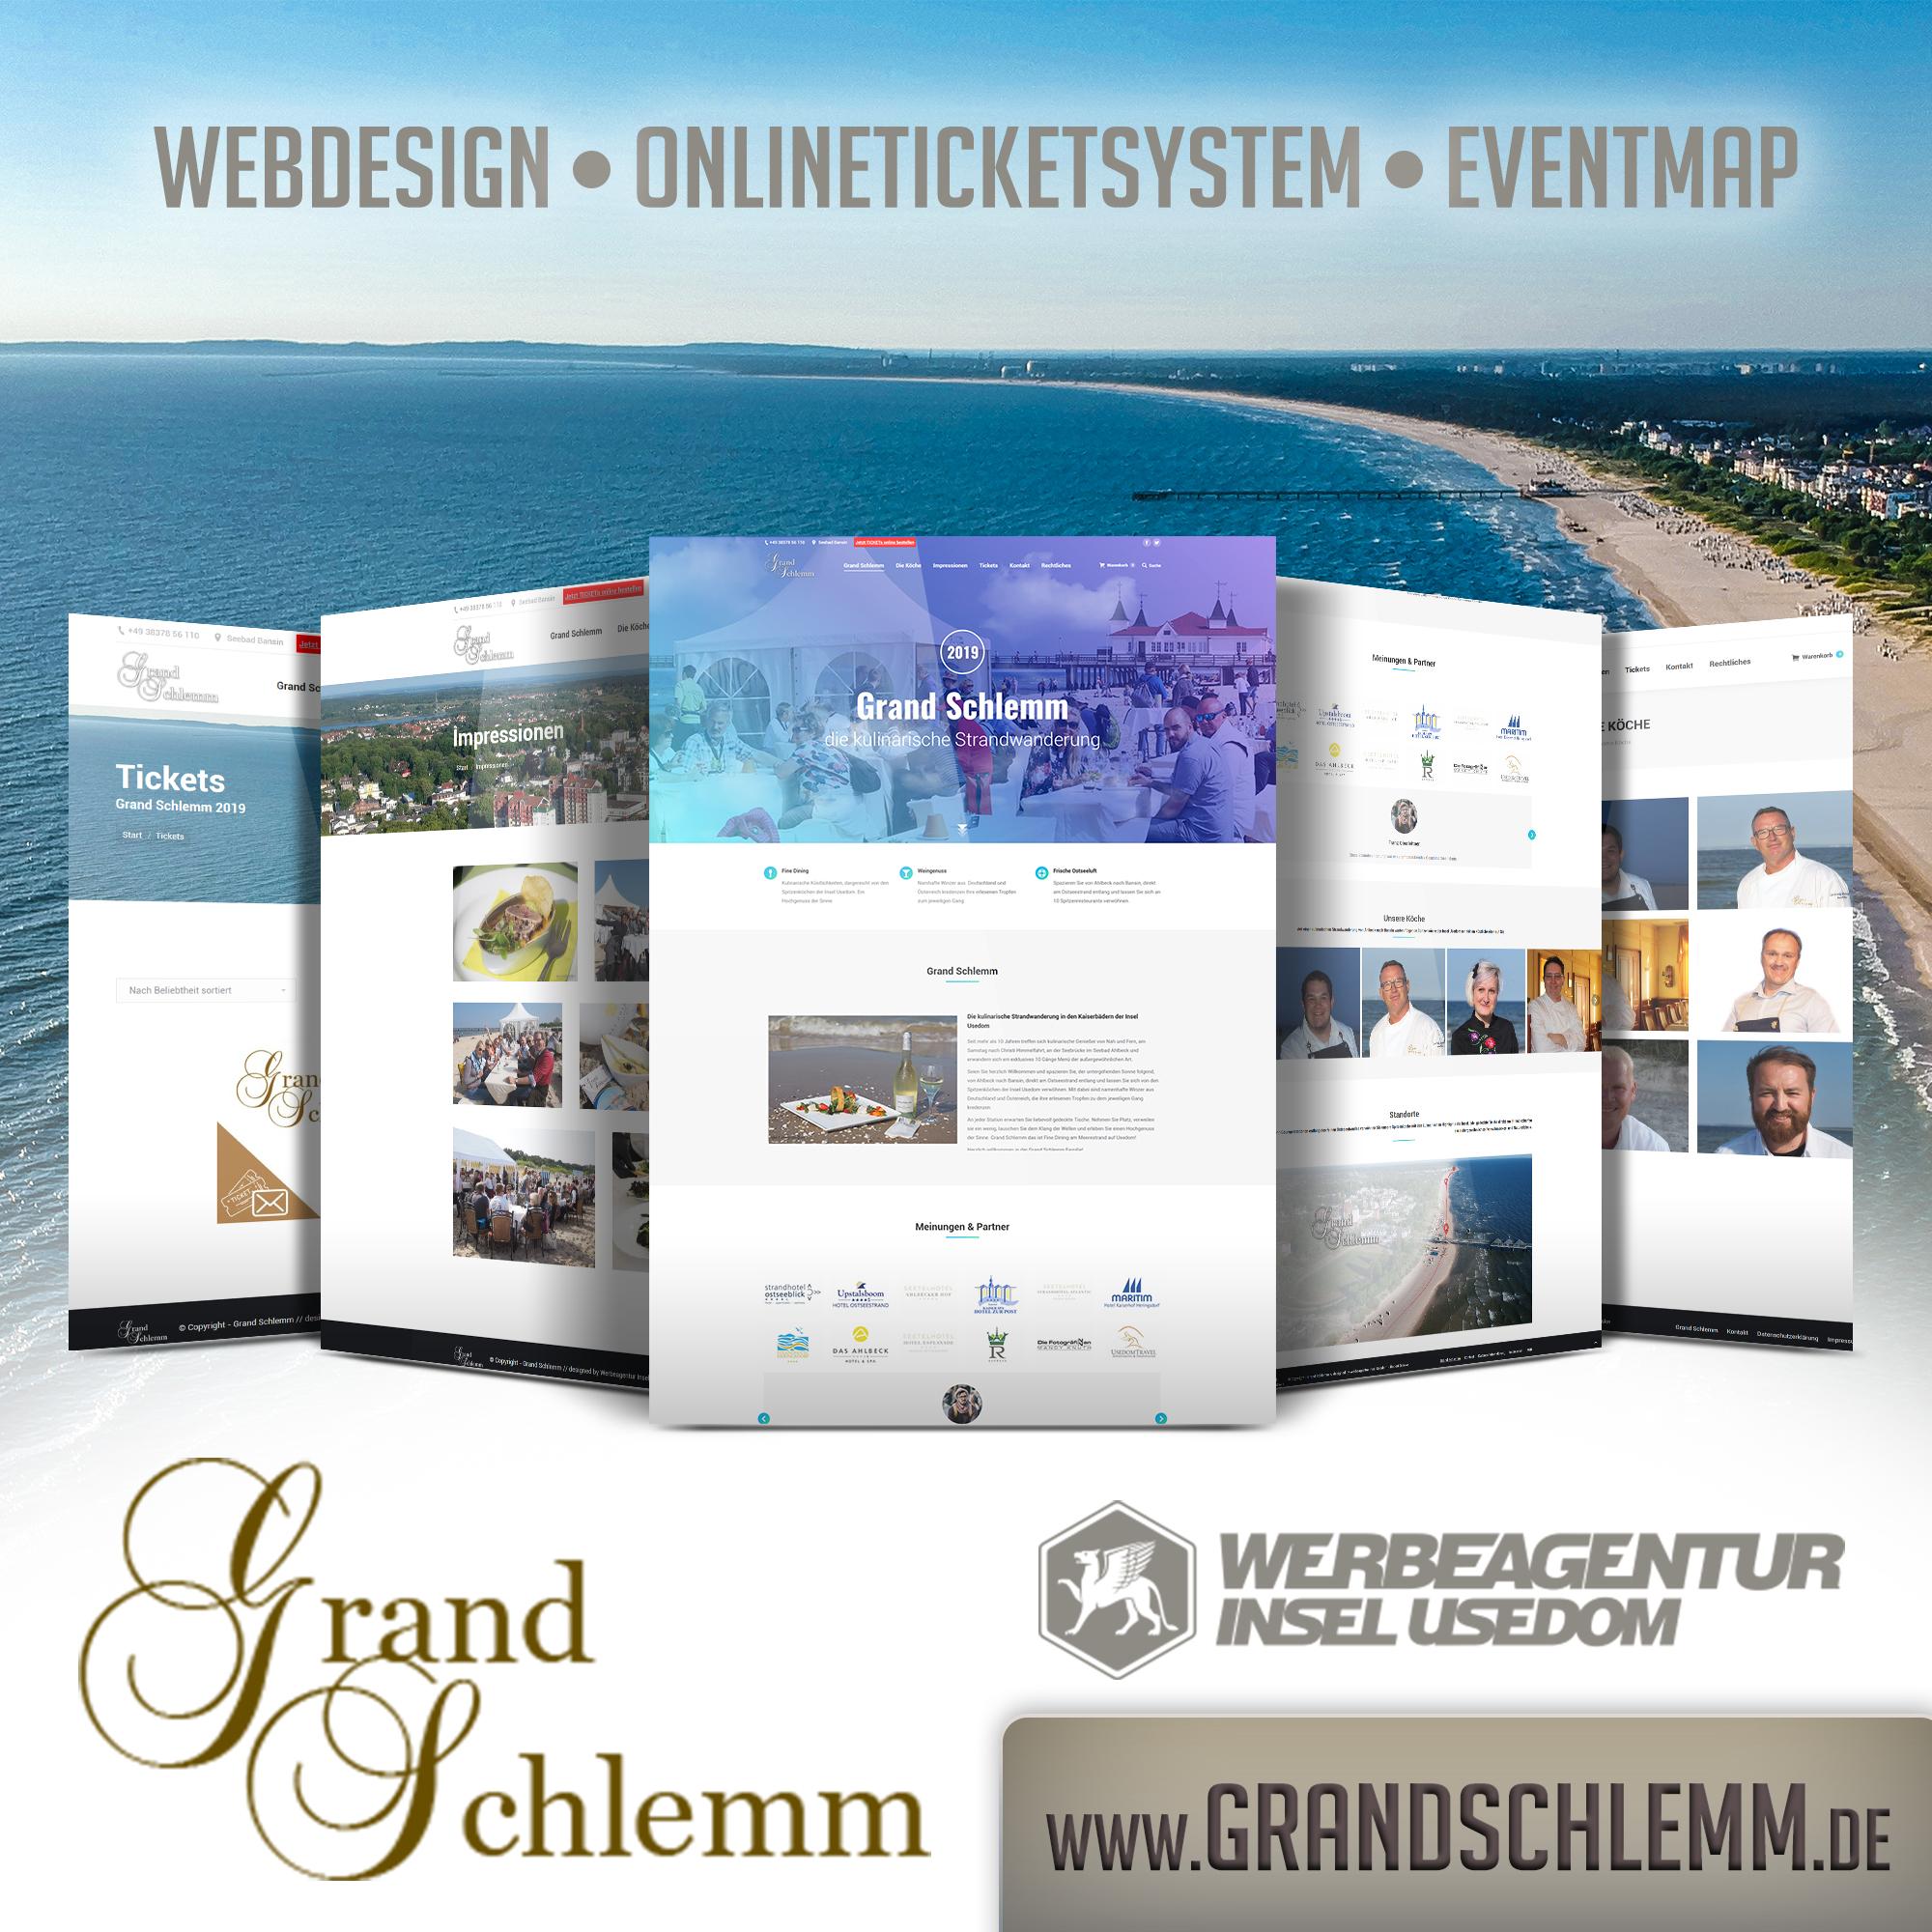 Grand Schlemm-Die kulinarische Strandwanderung